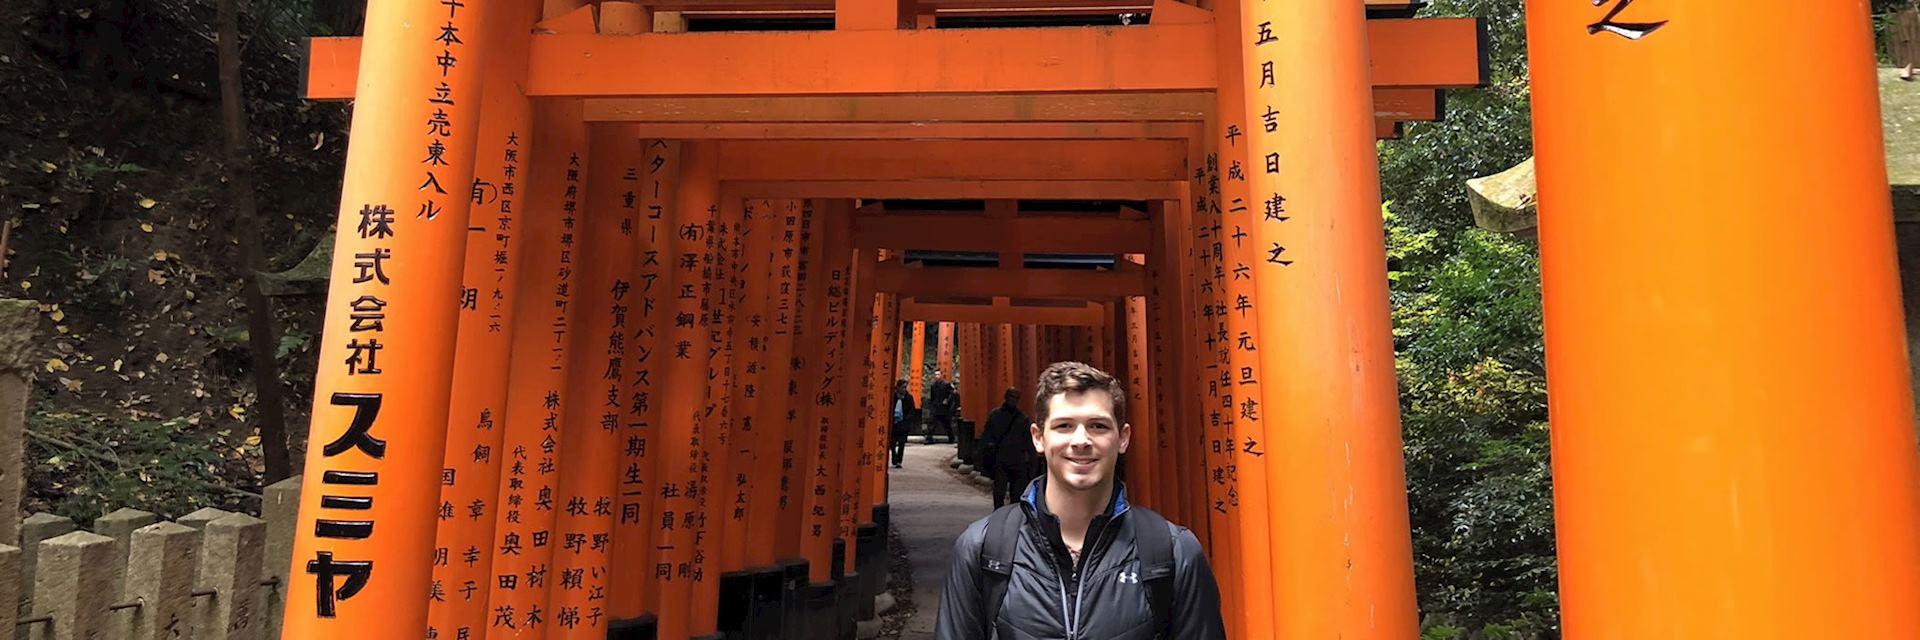 Carter at Fushimi Inari